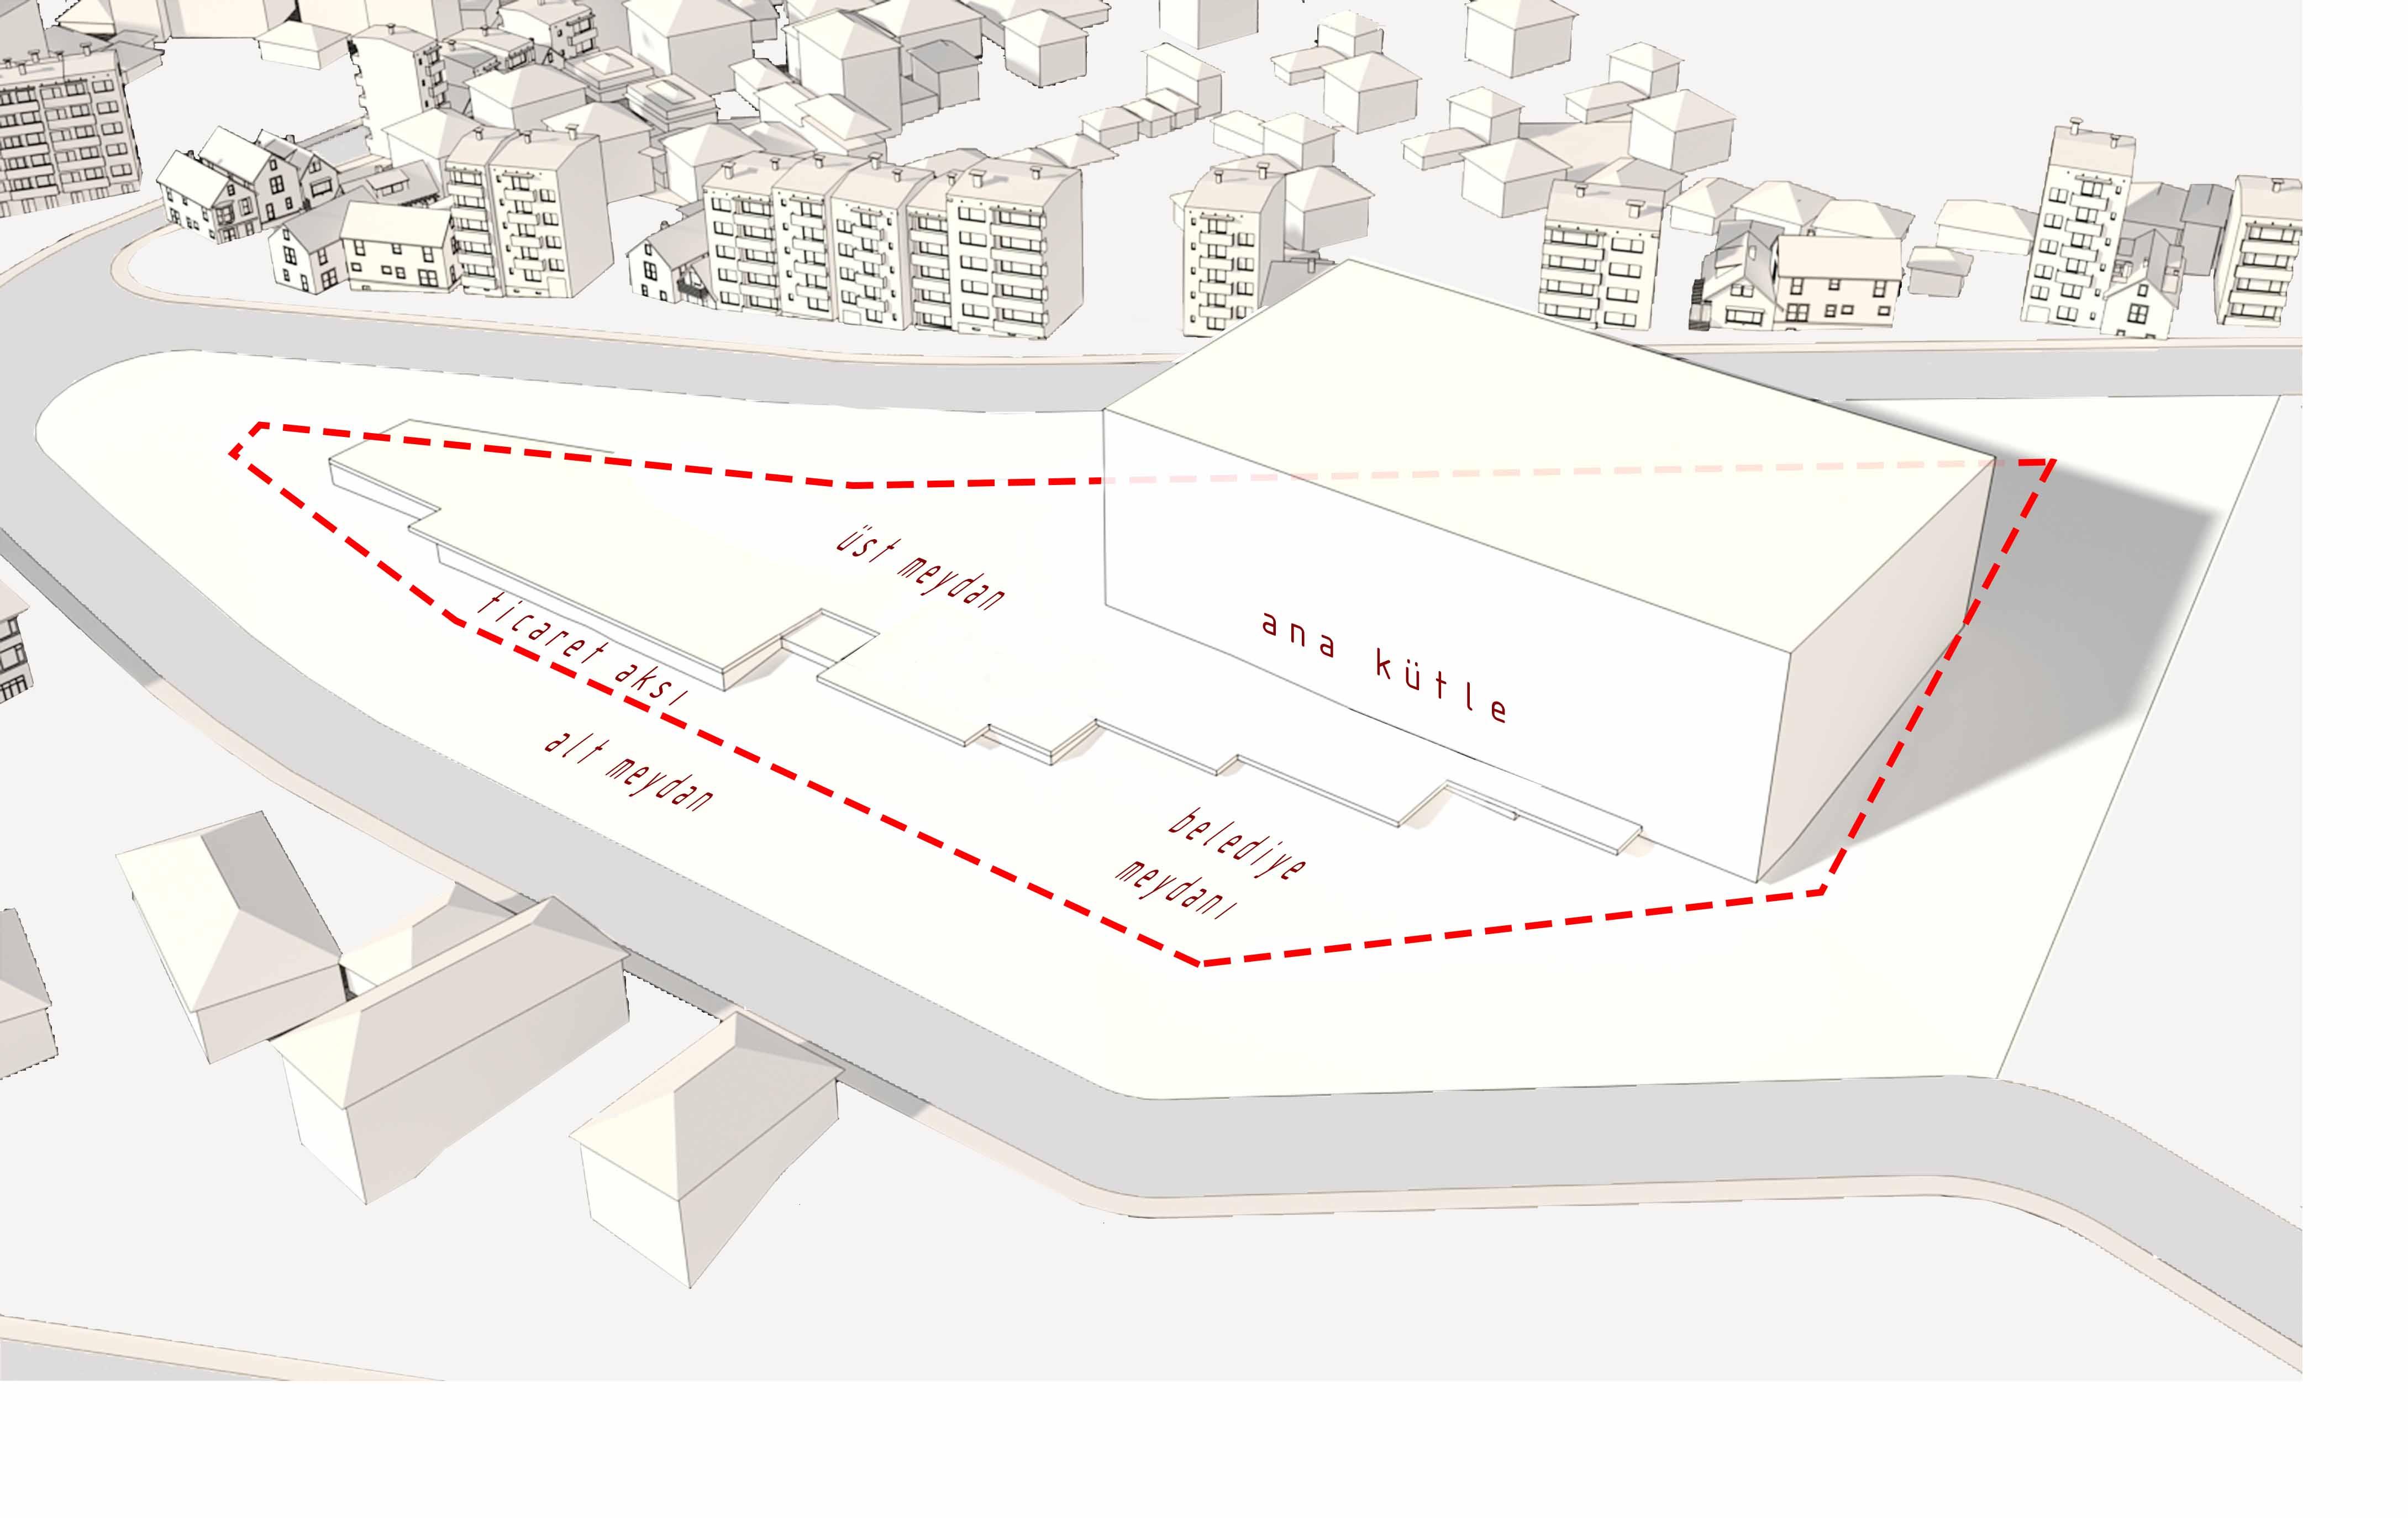 dodofis mimarlık ofisi süleymanpaşa belediye binası diyagram 2